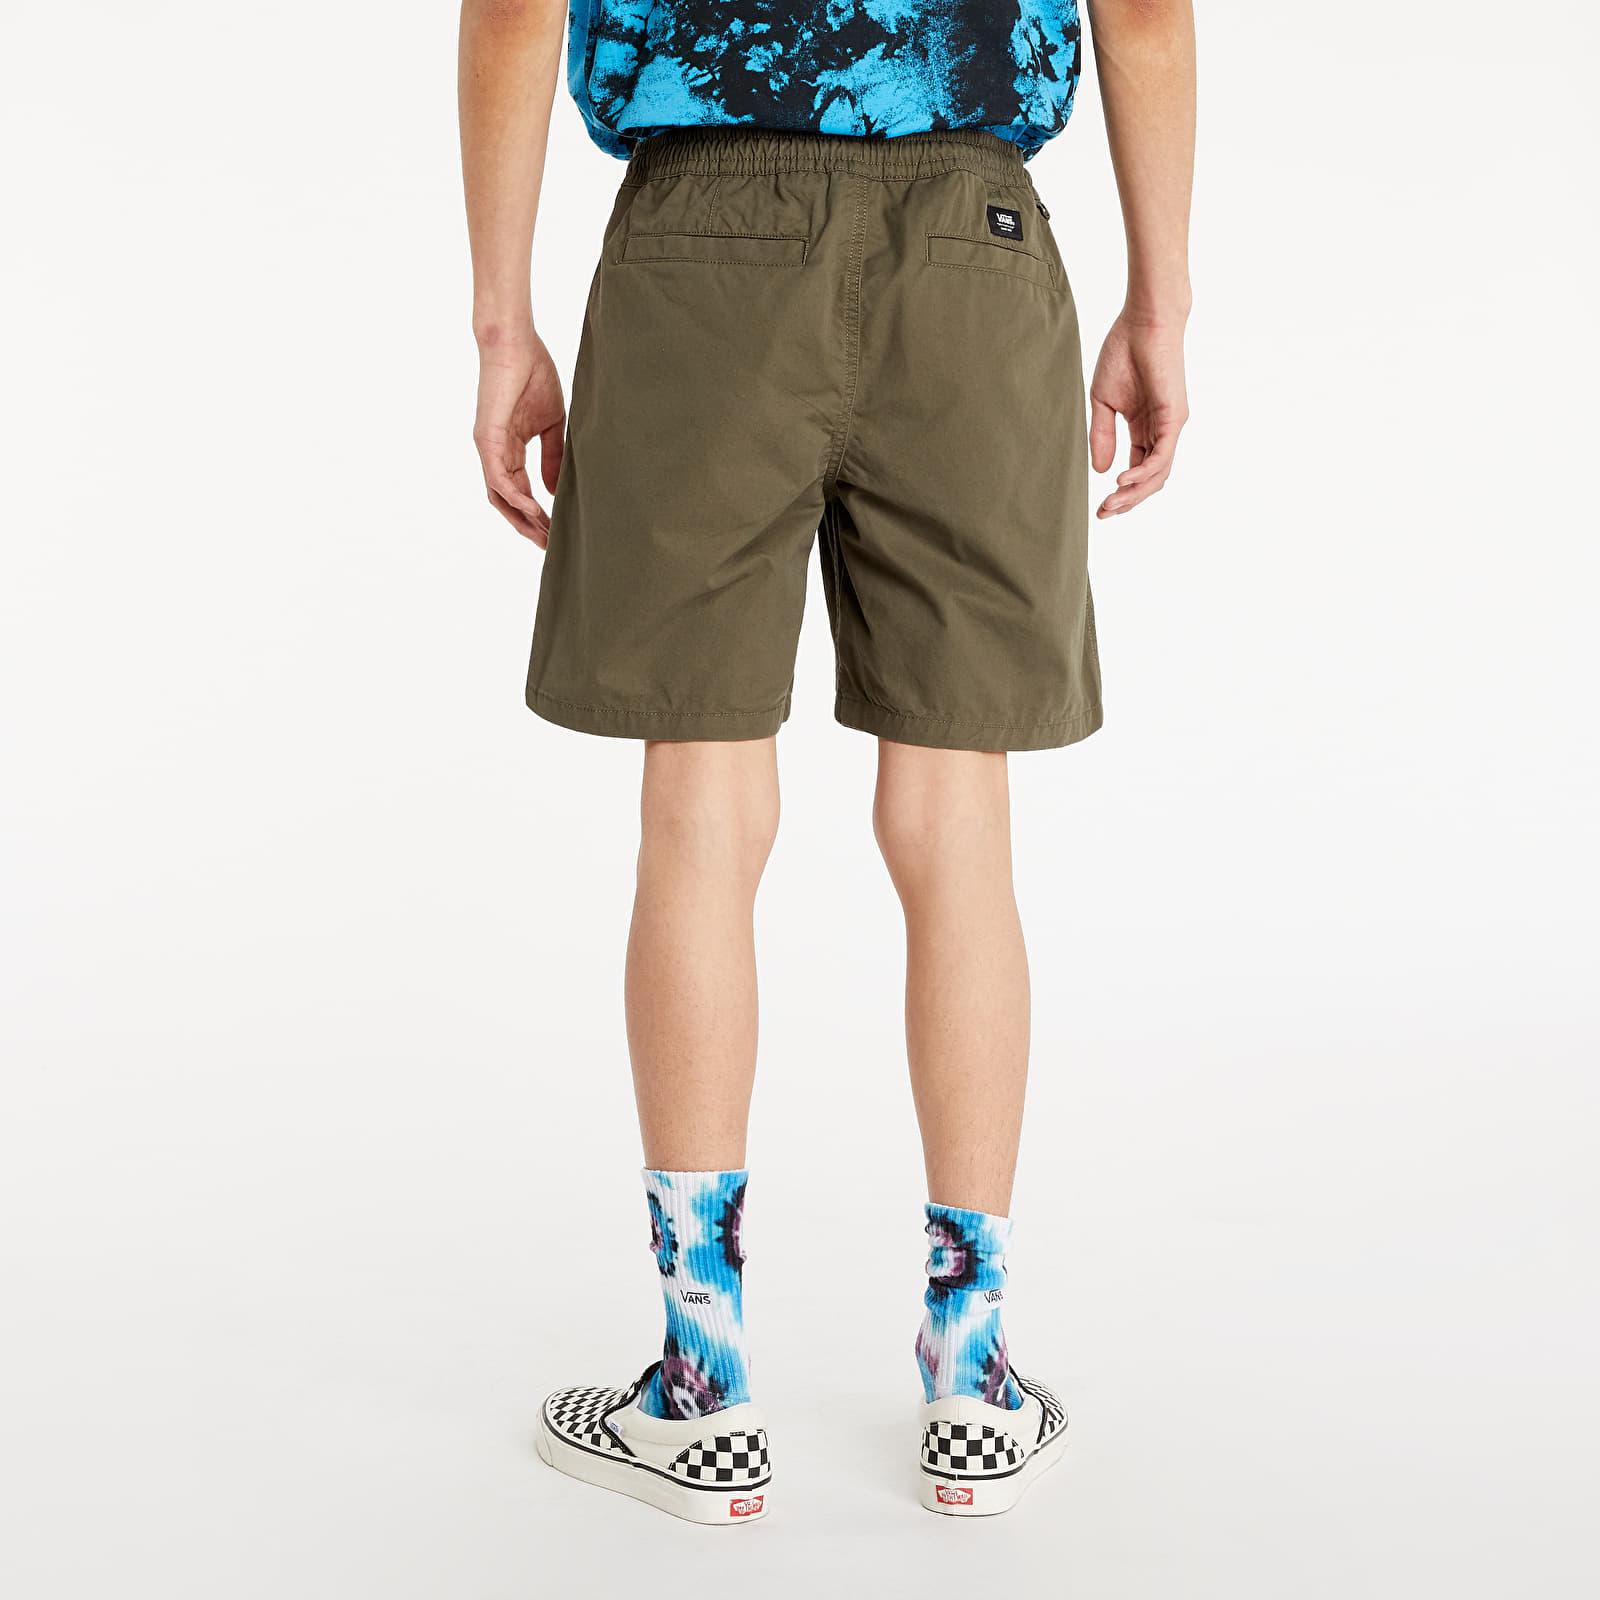 Vans Range 18 Shorts Grape Leaf   Footshop